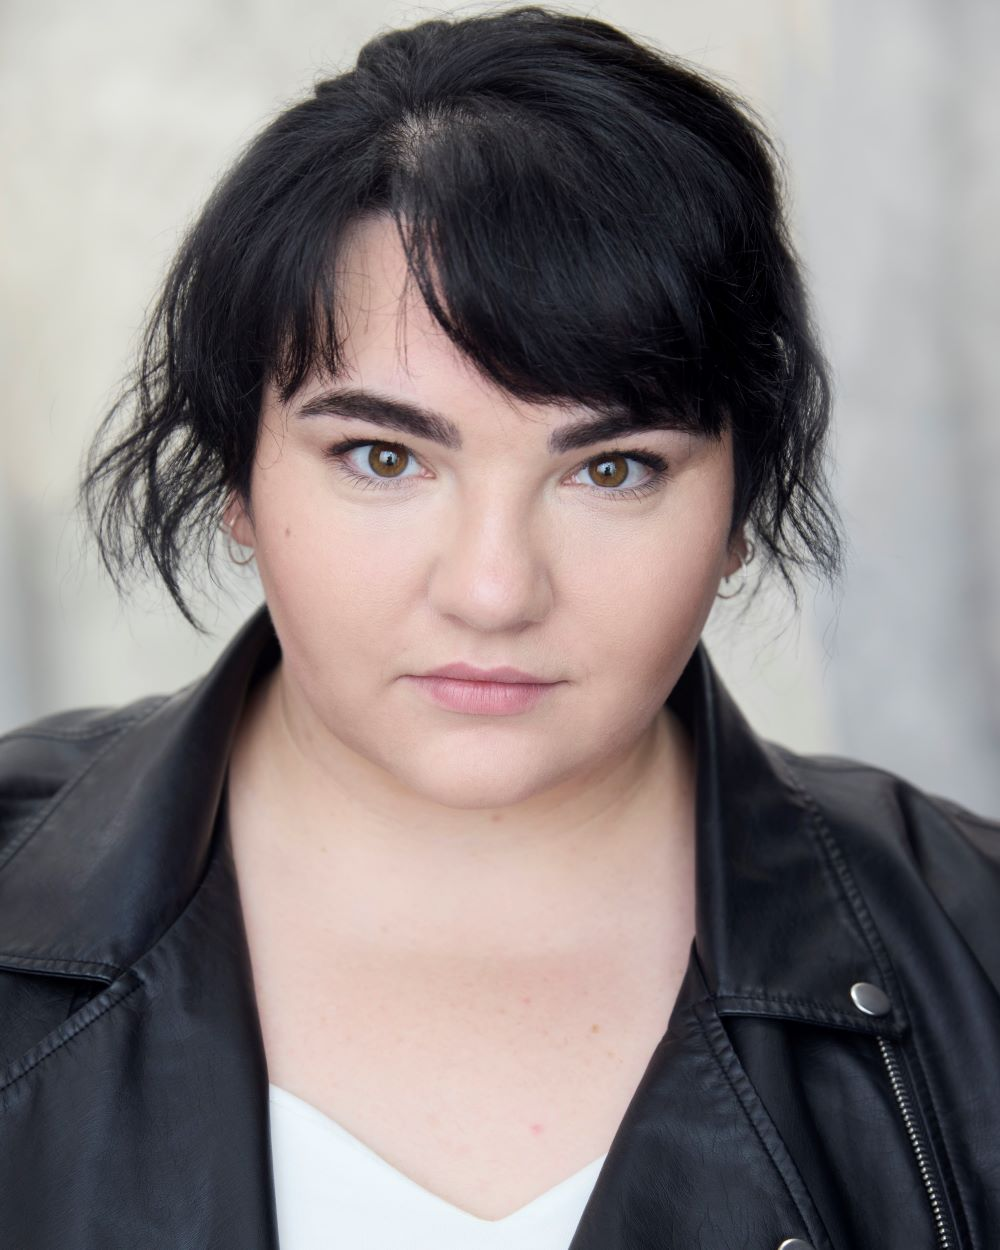 Jenny O'Leary headshot 3_1250 x 1000